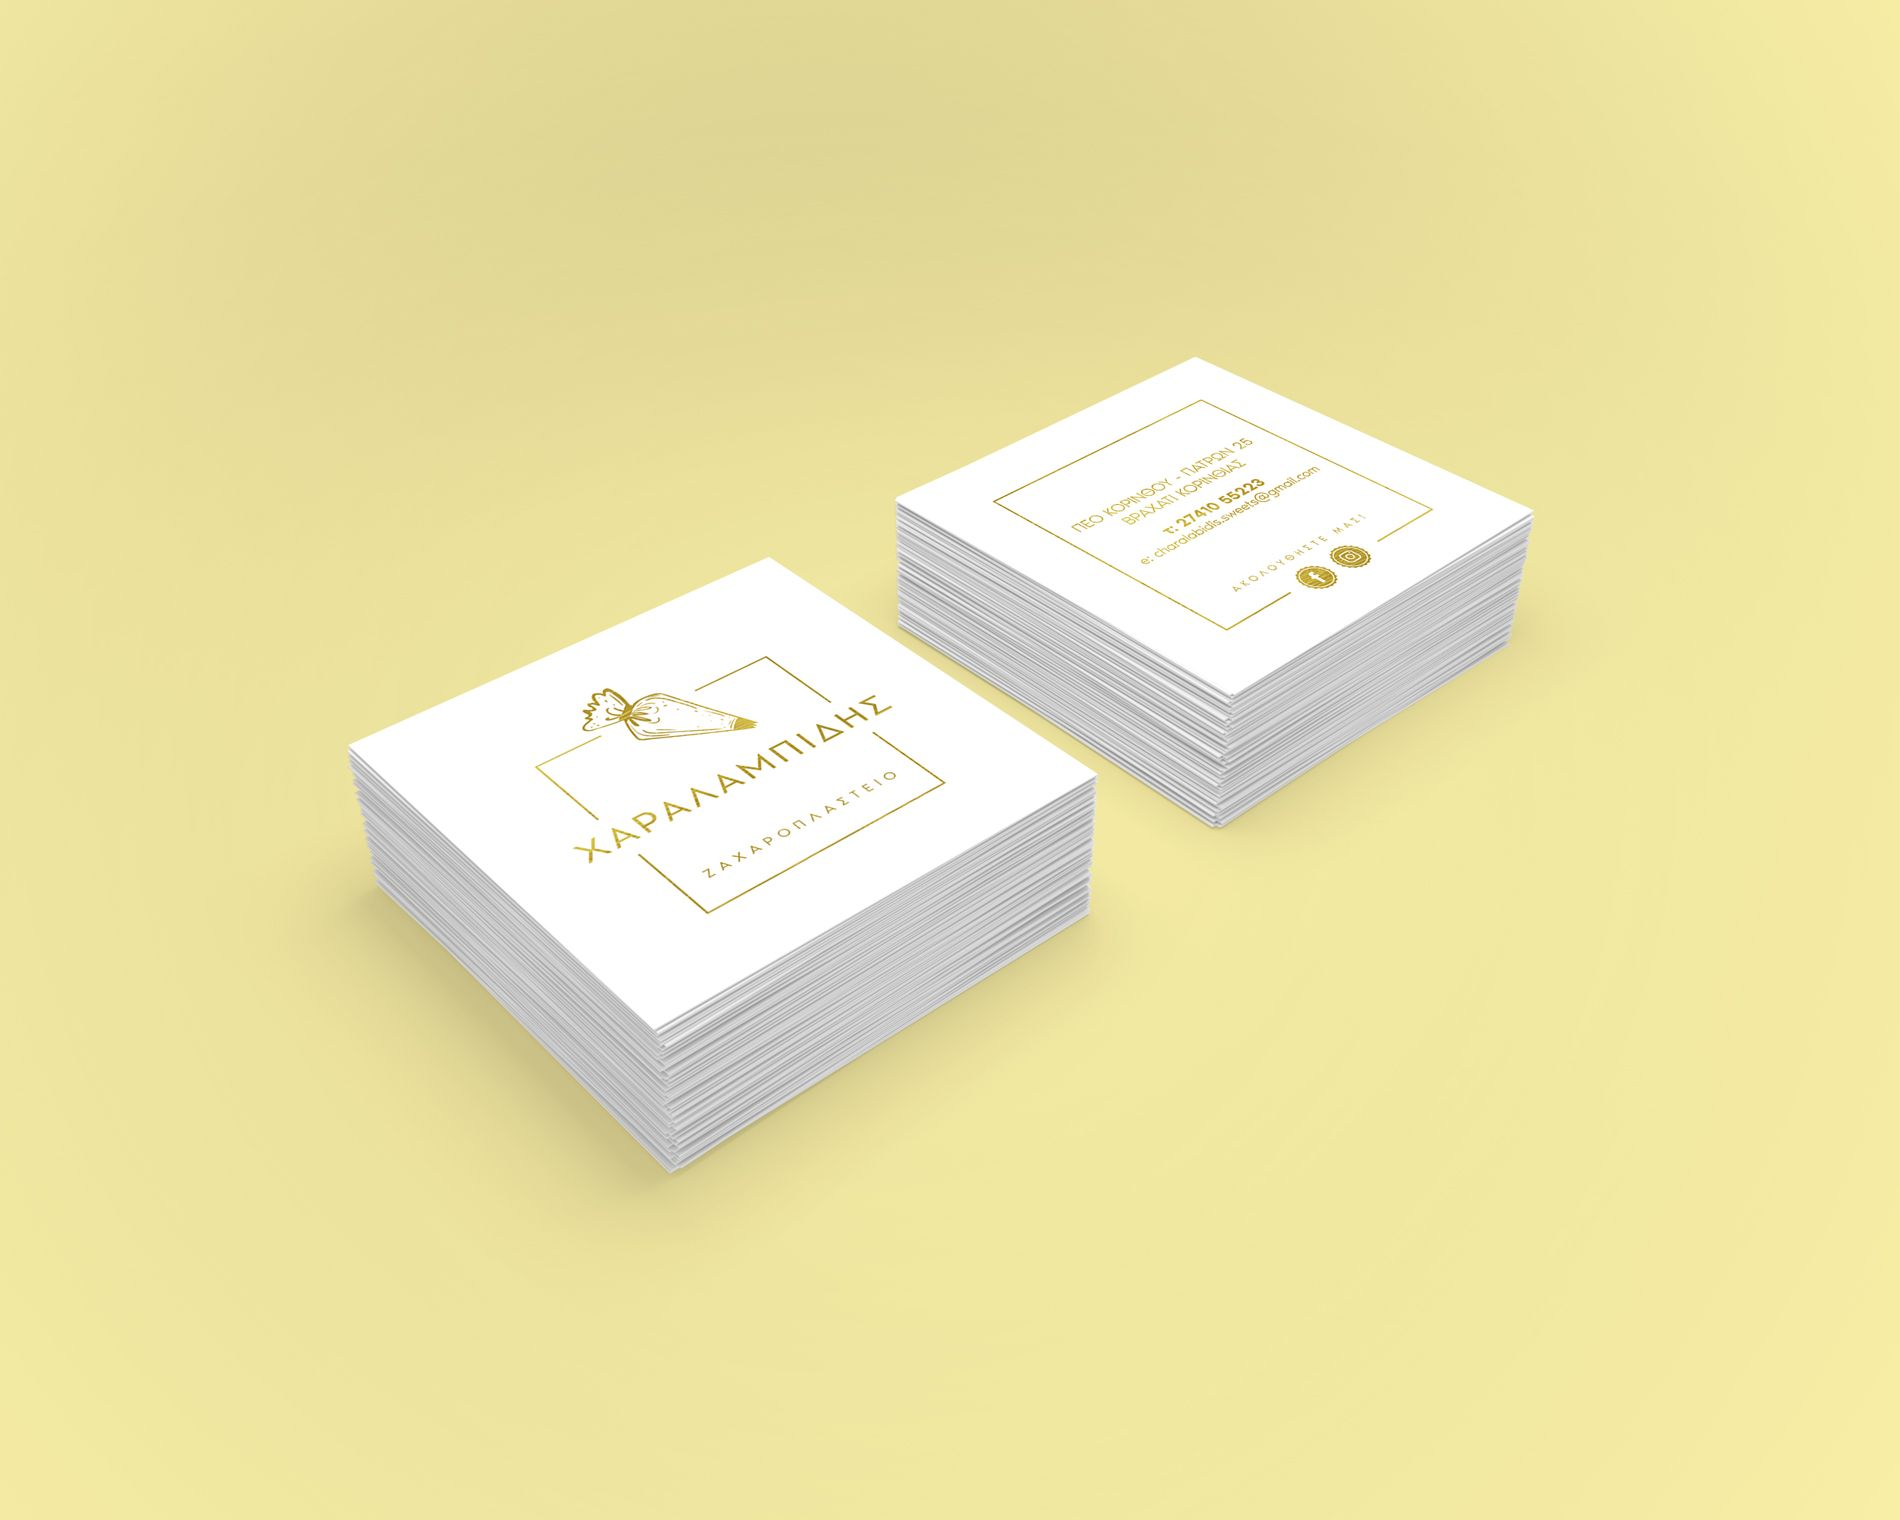 Charalambidis Zaxaroplasteio Branding Business Cards